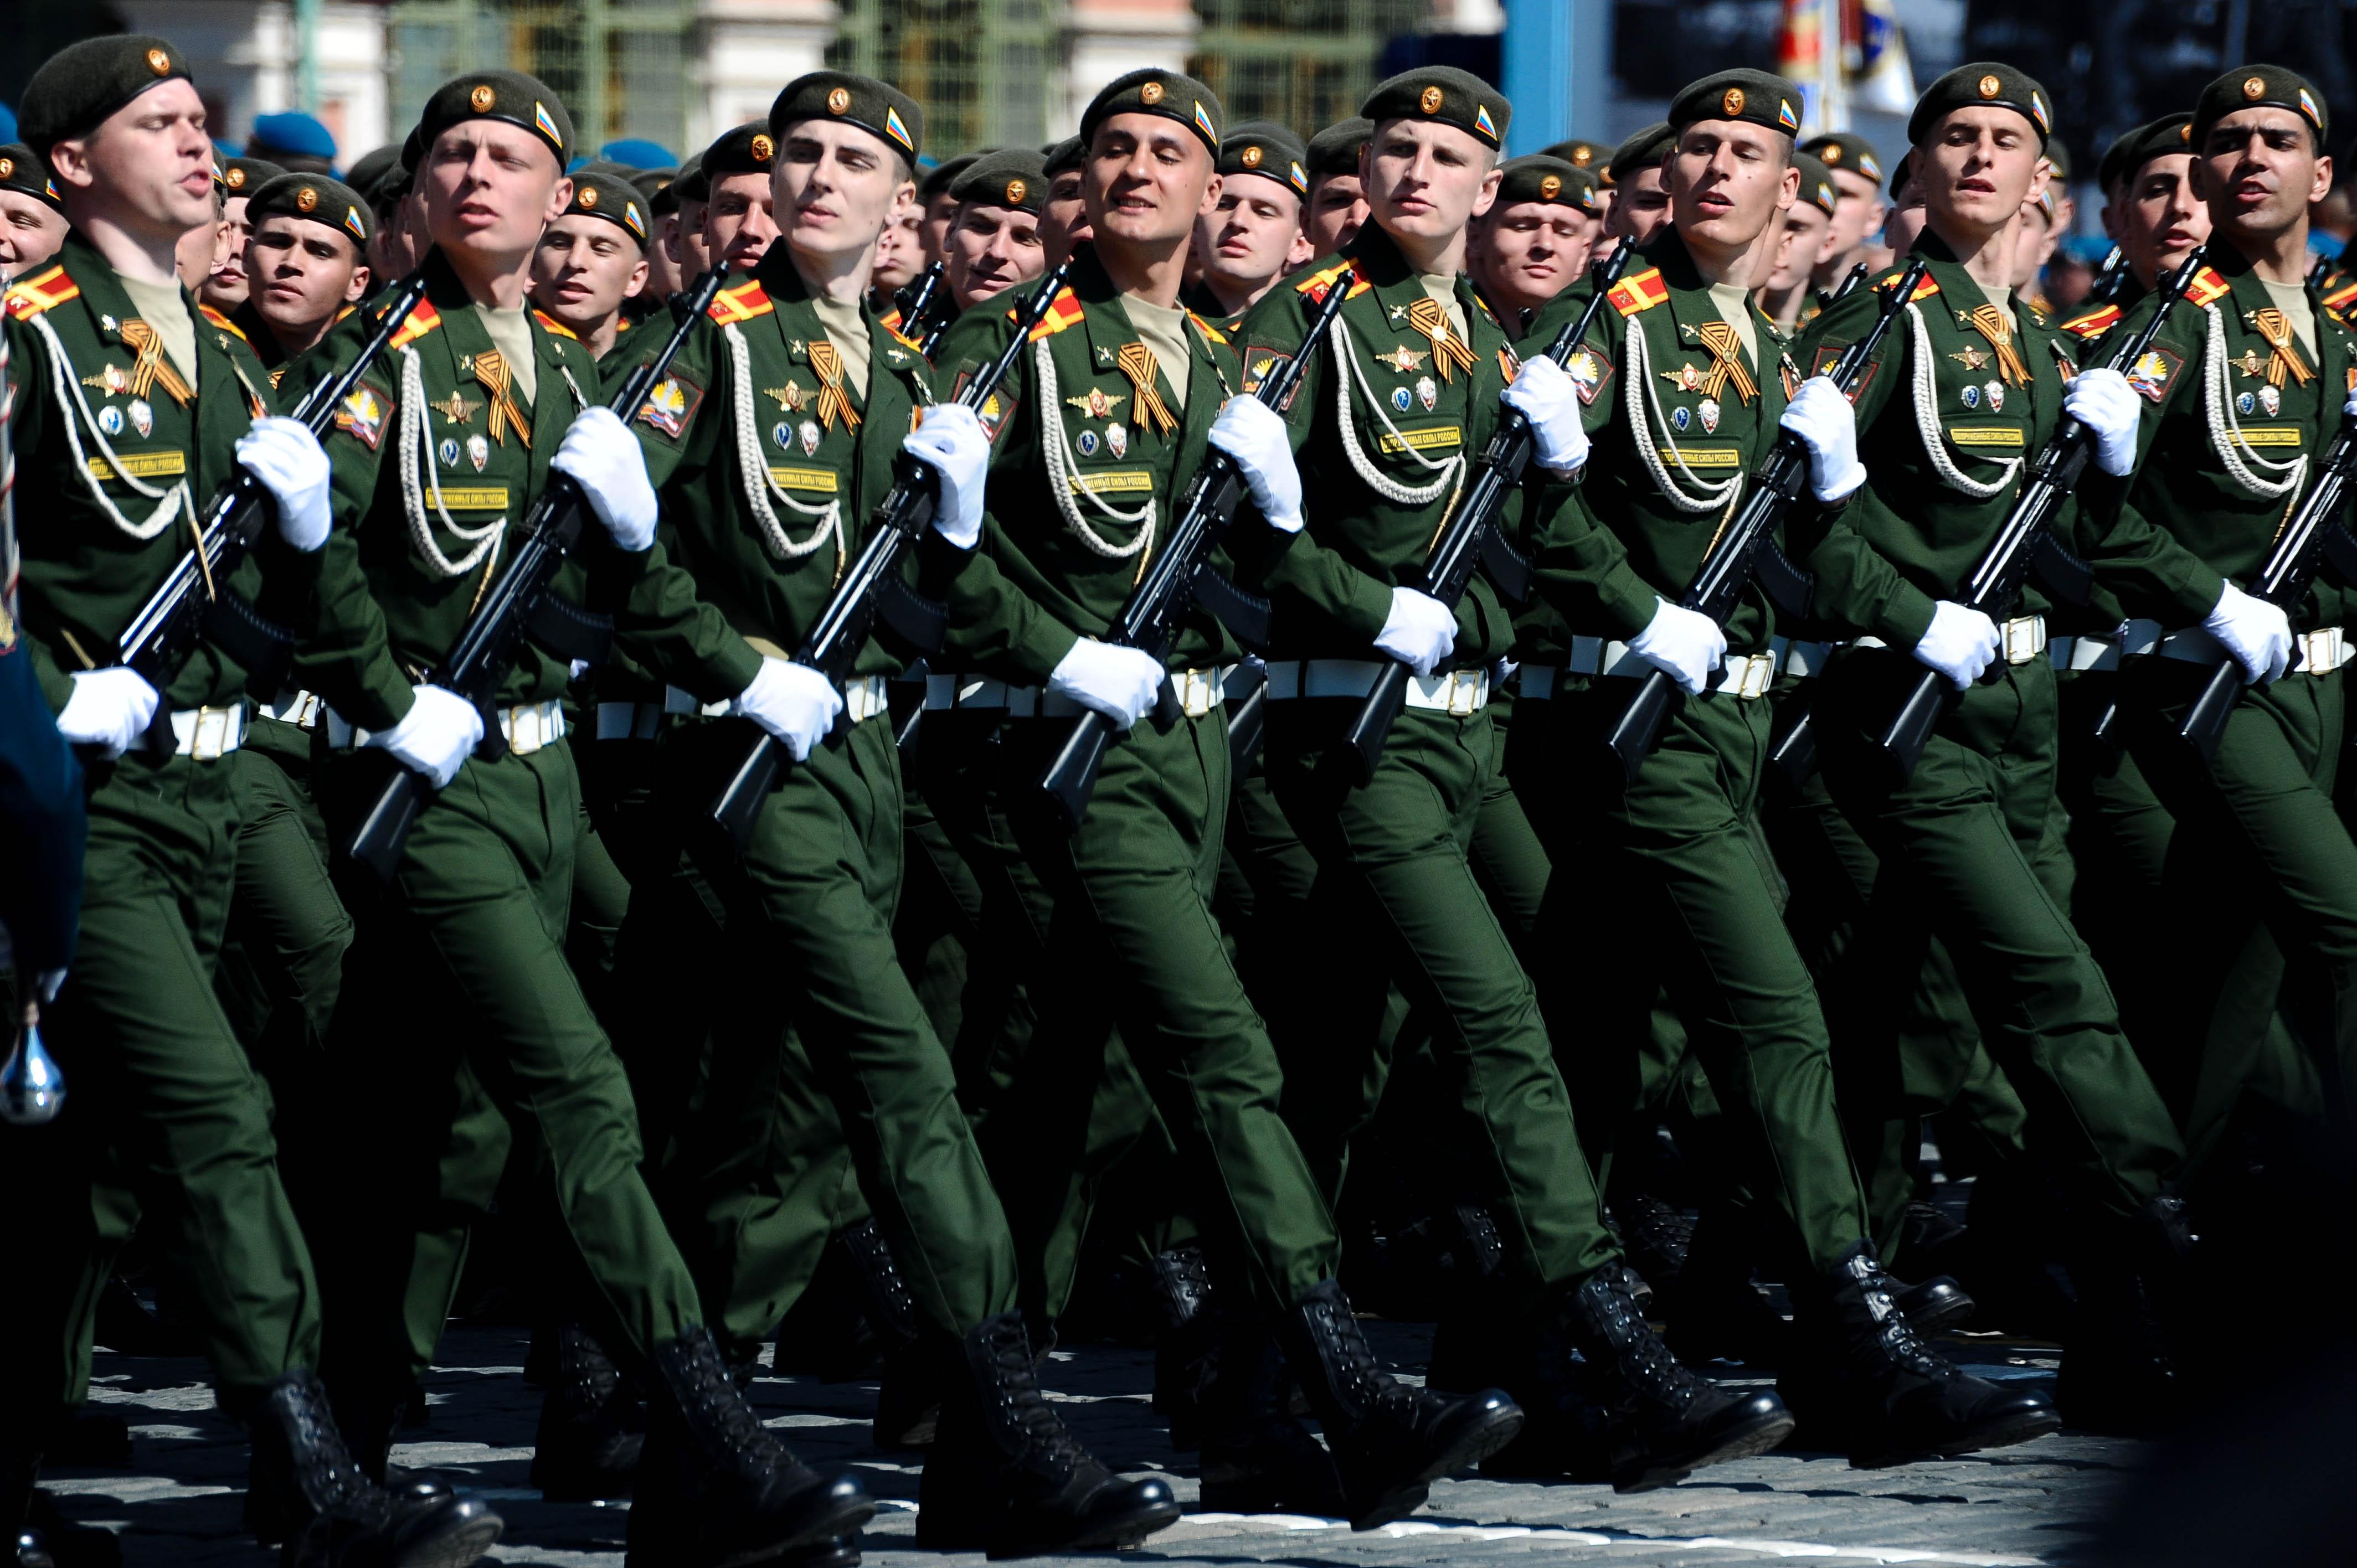 Солдаты парад картинки